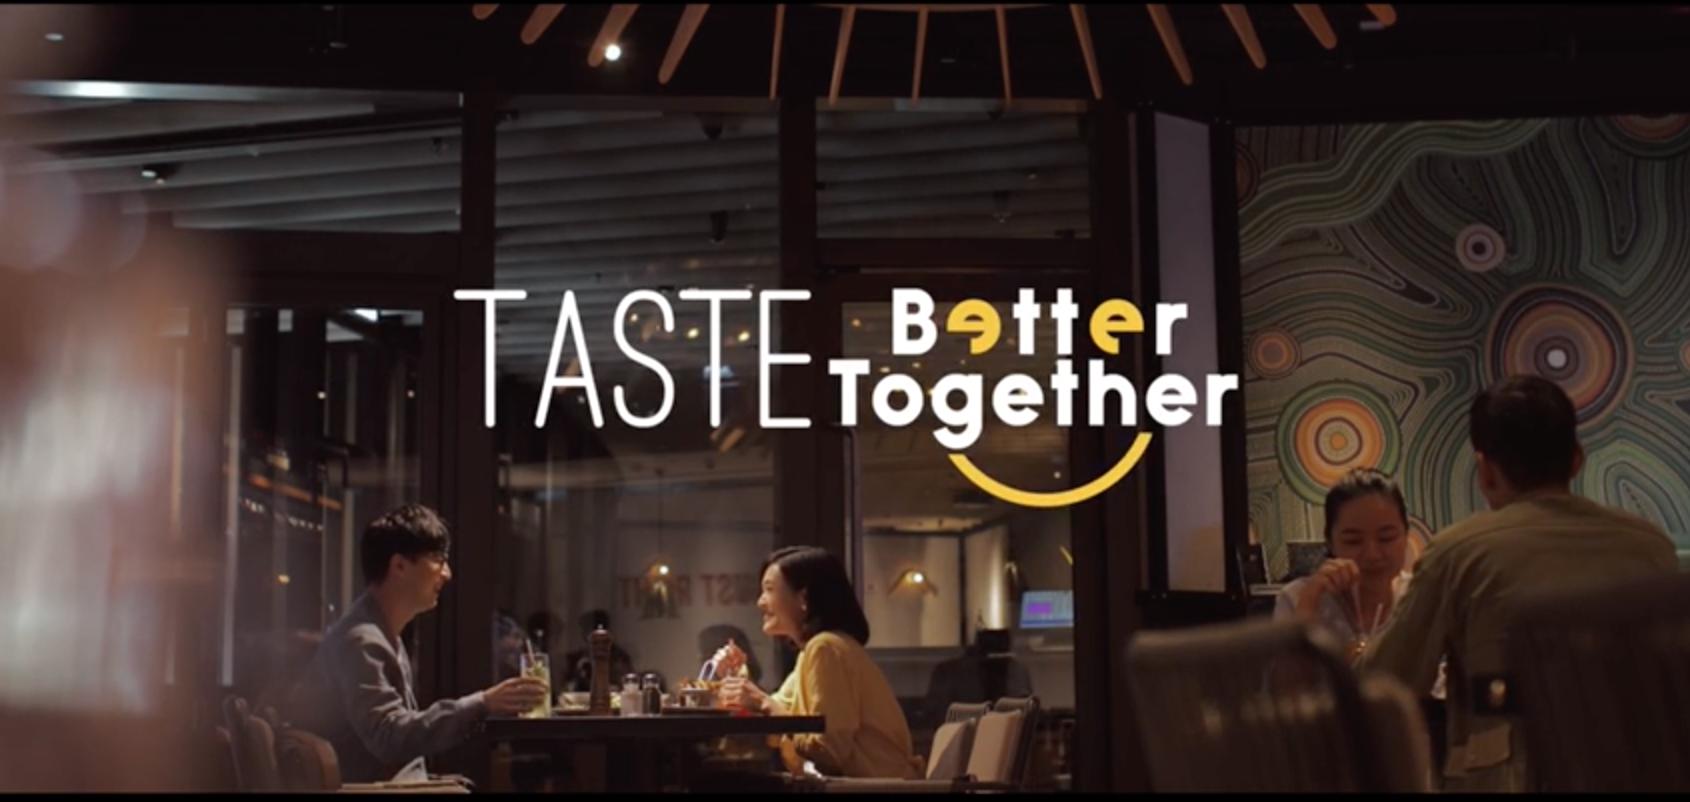 Taste Better Together